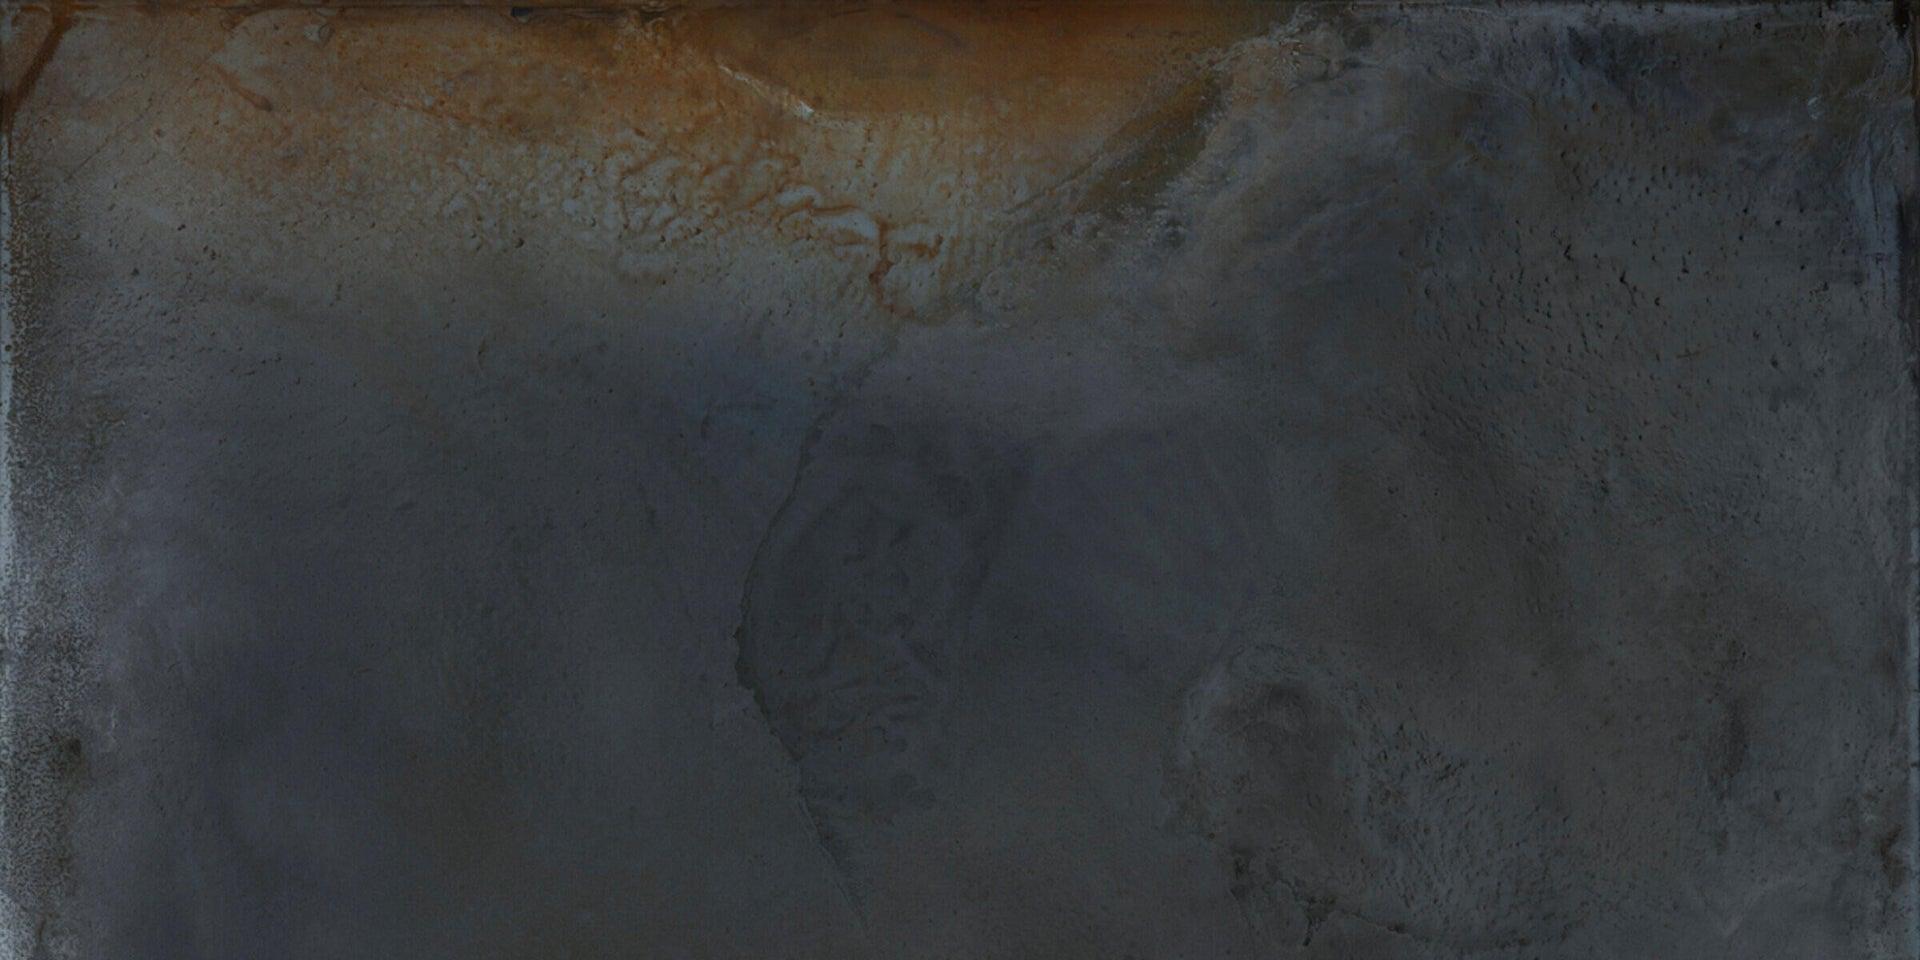 Piastrella Metal Now Acciaio Brunito 30 x 60 cm sp. 9.5 mm PEI 4/5 nero - 1